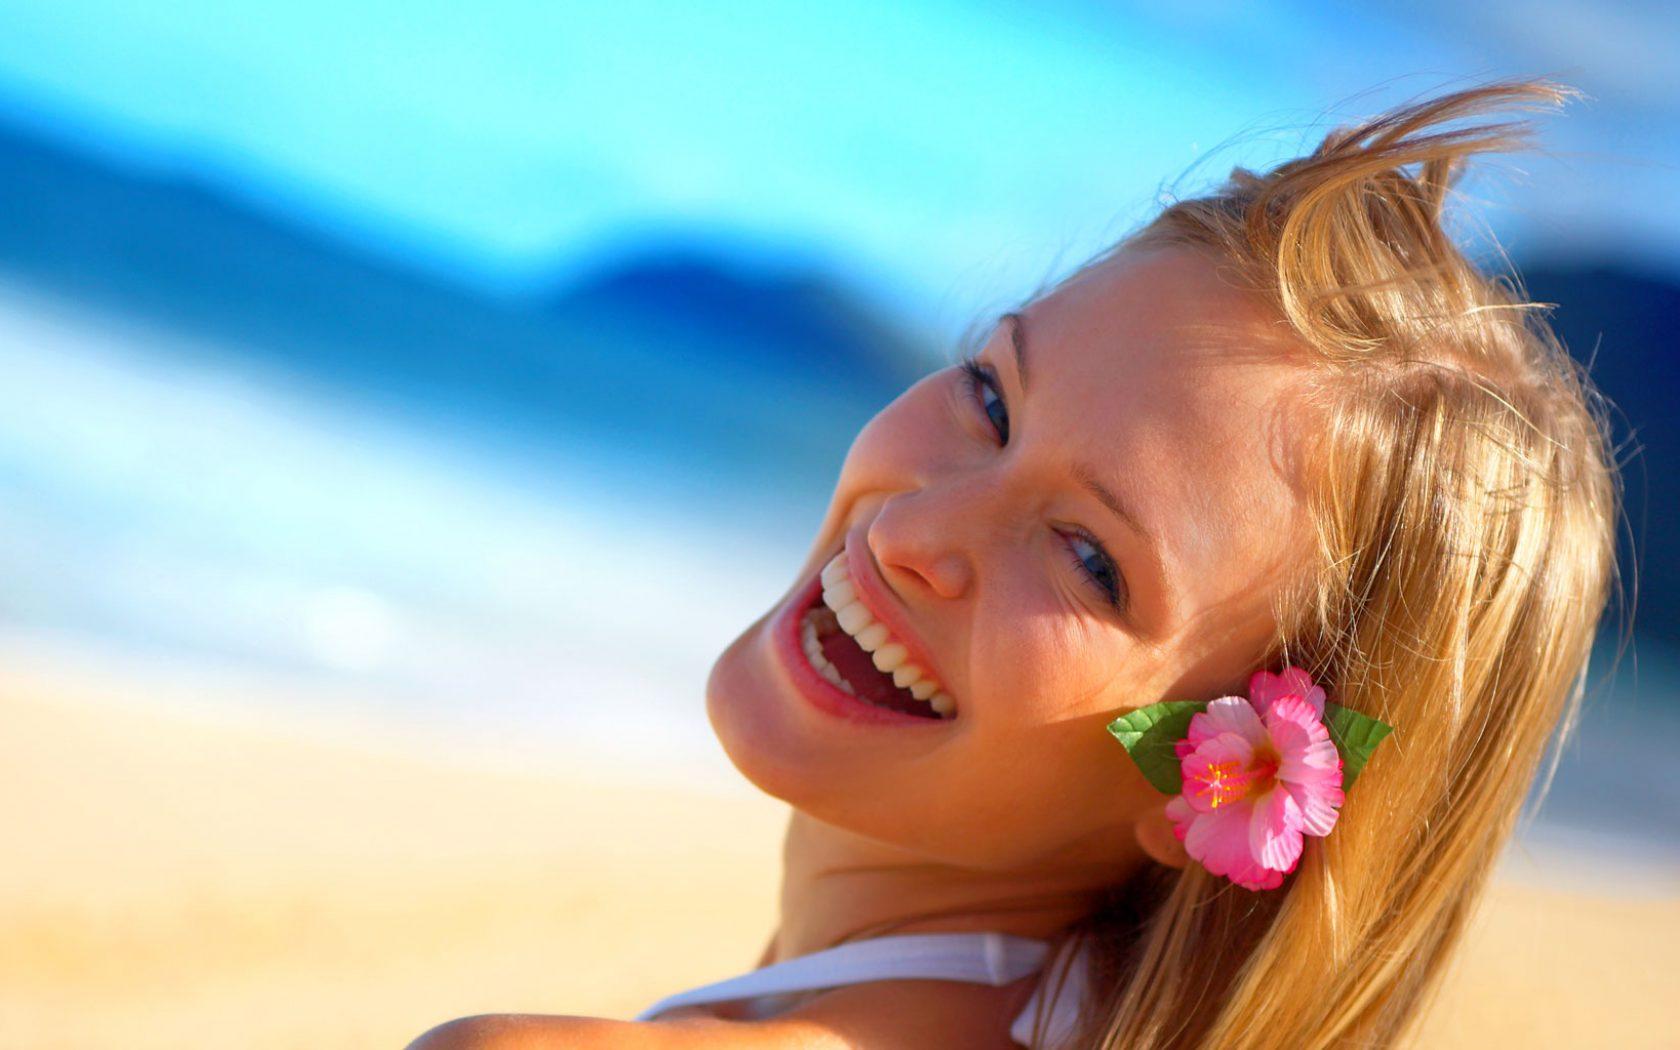 Καλοκαιρινή διάθεση με αναβαθμισμένο χαμόγελο σε 1 rdv!